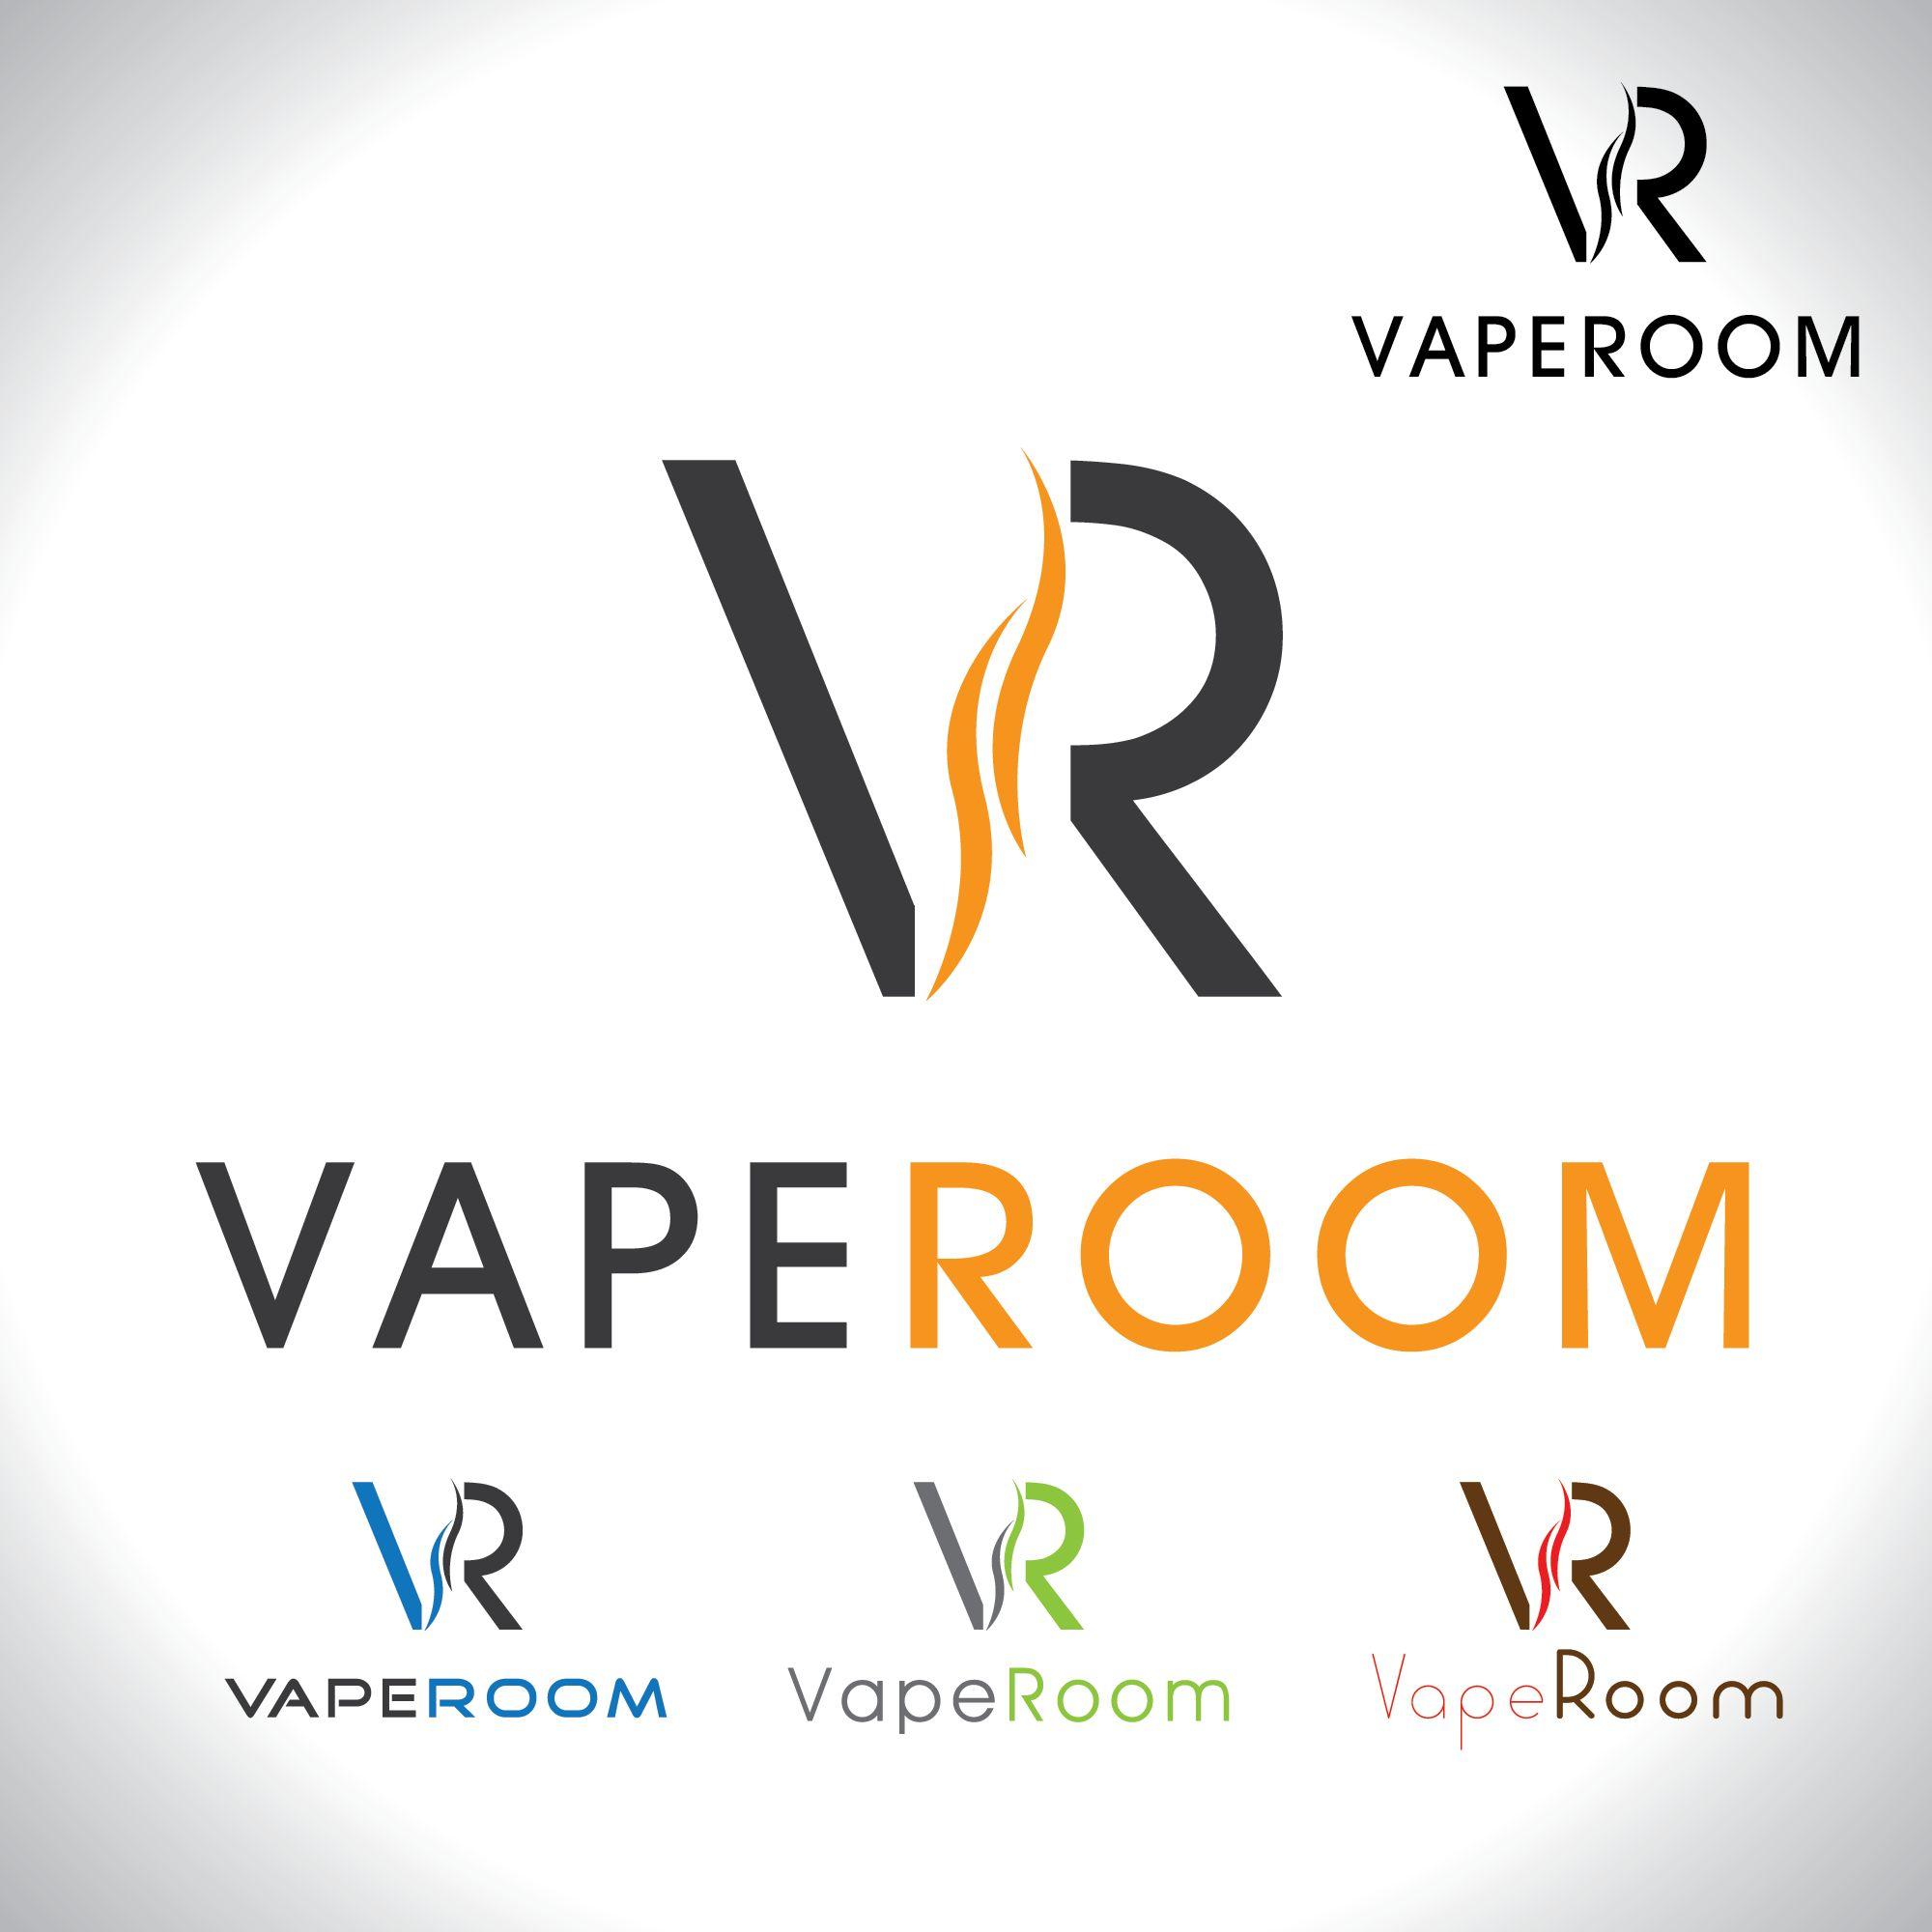 Логотип для сети магазинов VapeRoom  - дизайнер Gregorydesign